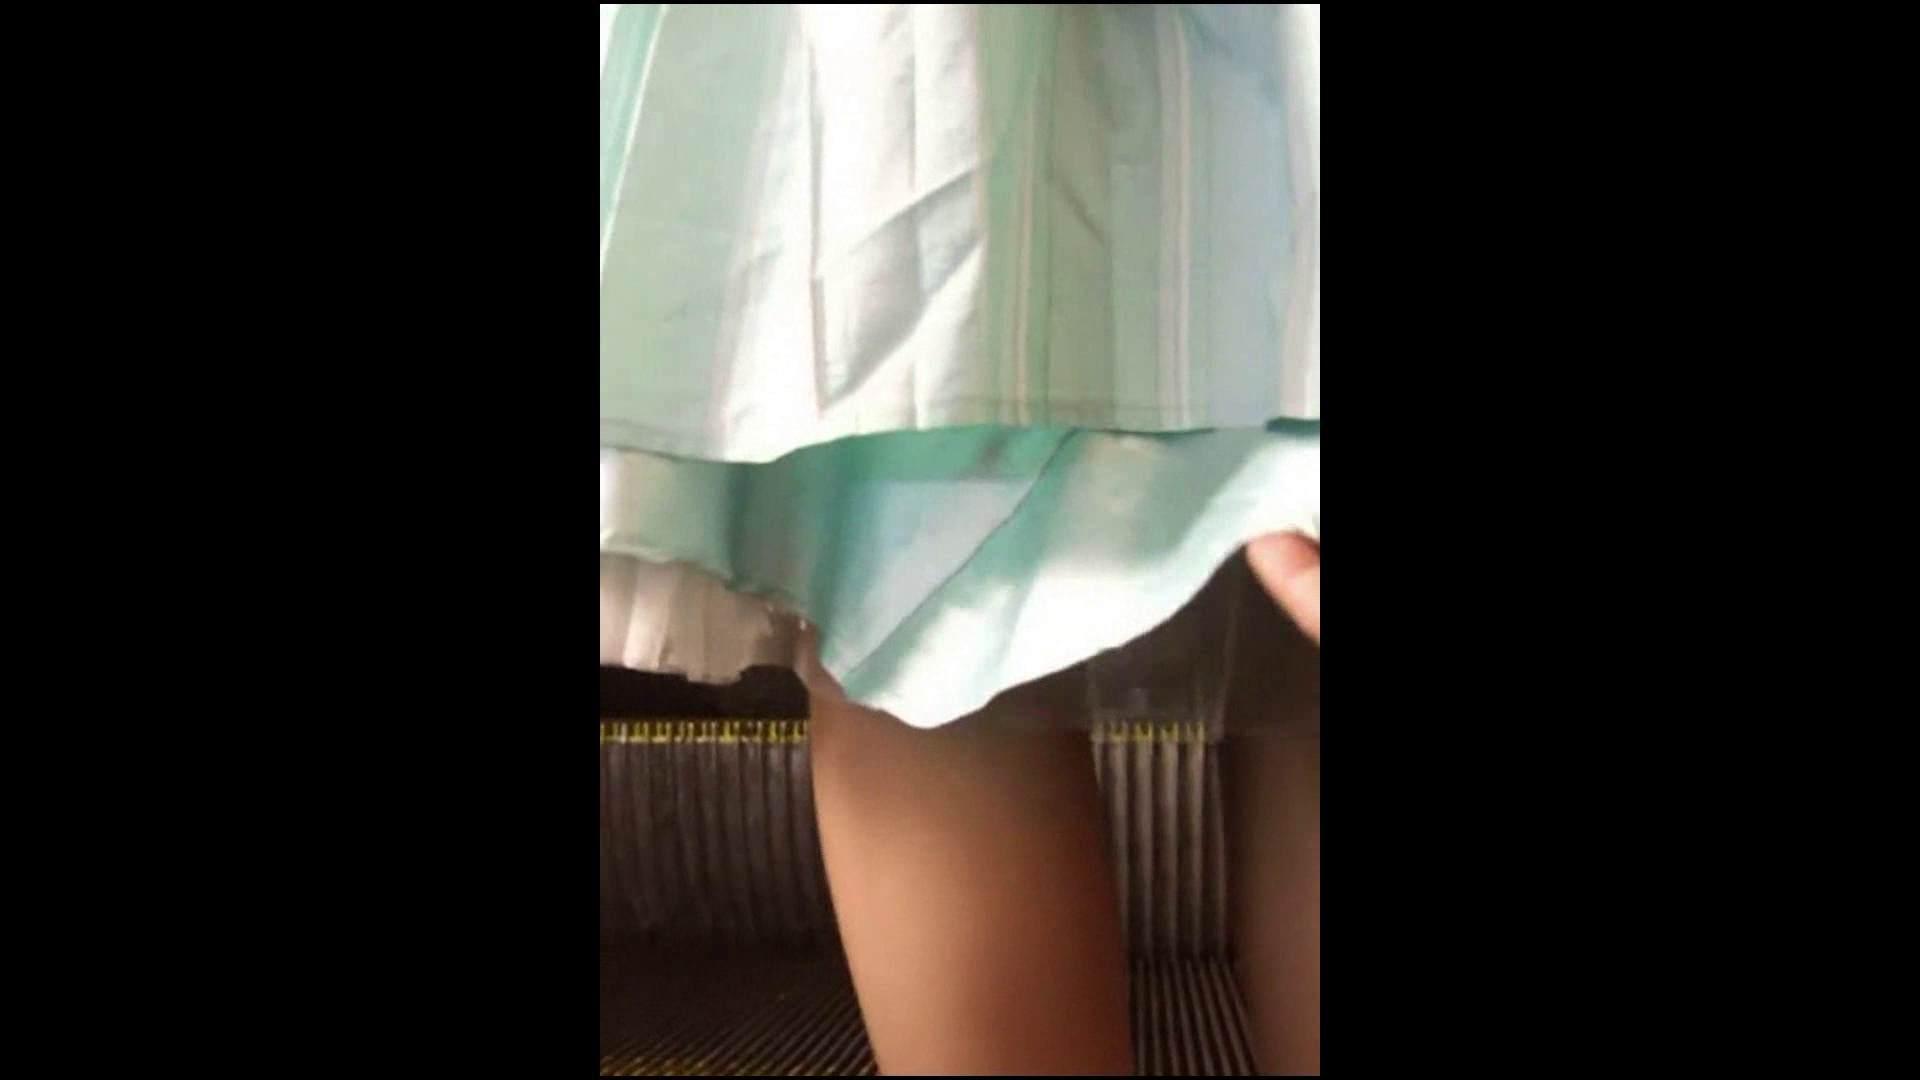 綺麗なモデルさんのスカート捲っちゃおう‼vol06 モデル おまんこ動画流出 103pic 11